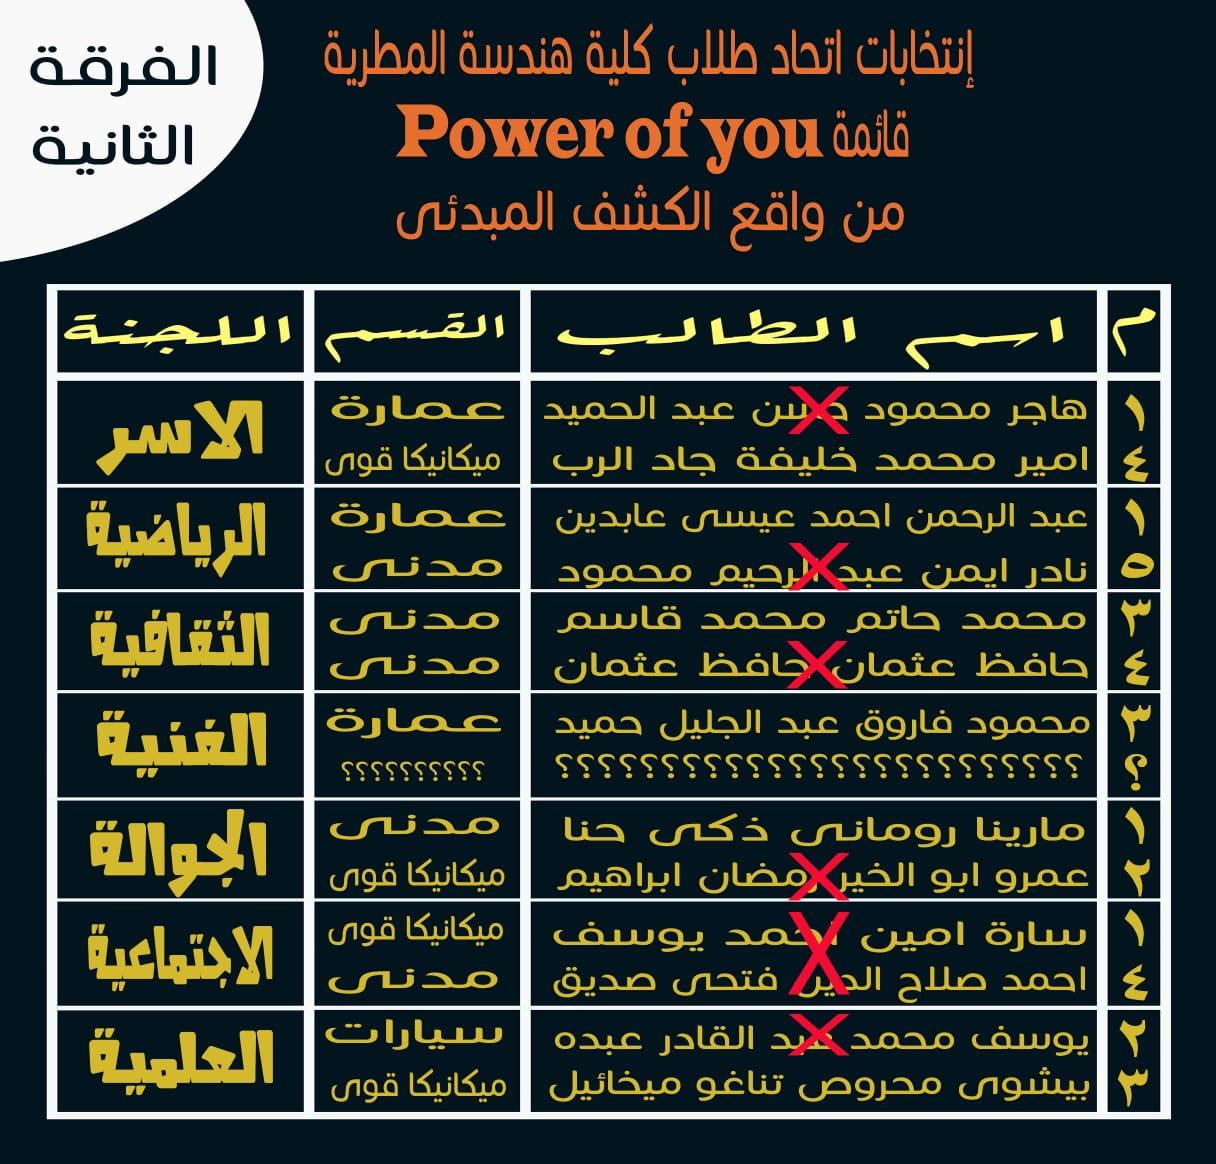 أعضاء قائمة power of you (3)